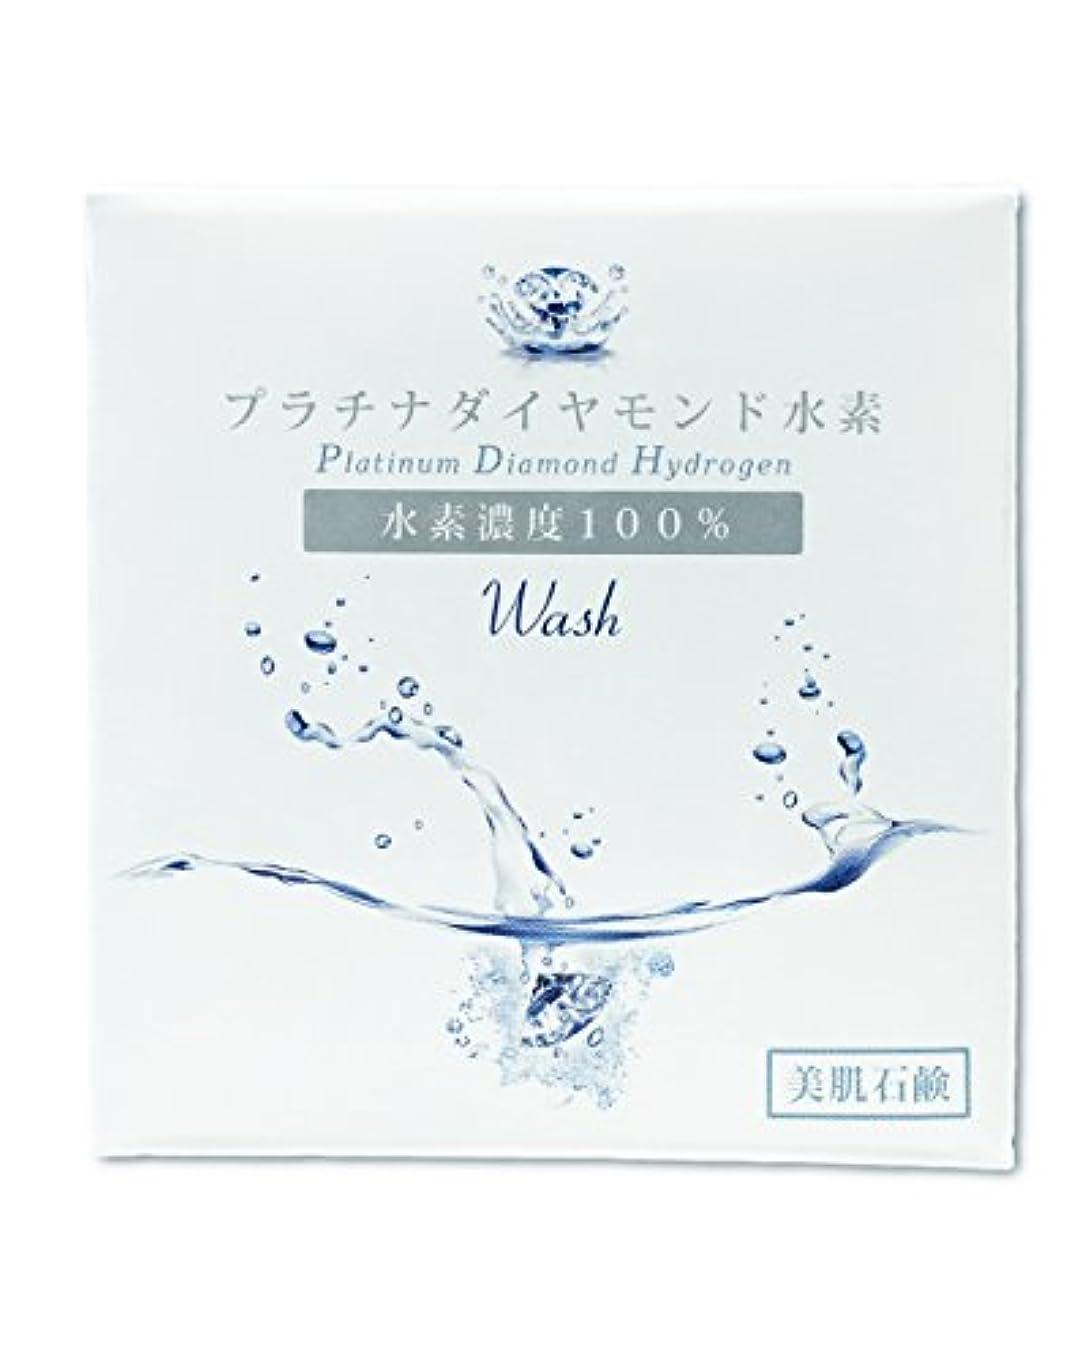 の配列水っぽいハンバーガー水素石鹸 プラチナダイヤモンド水素Wash